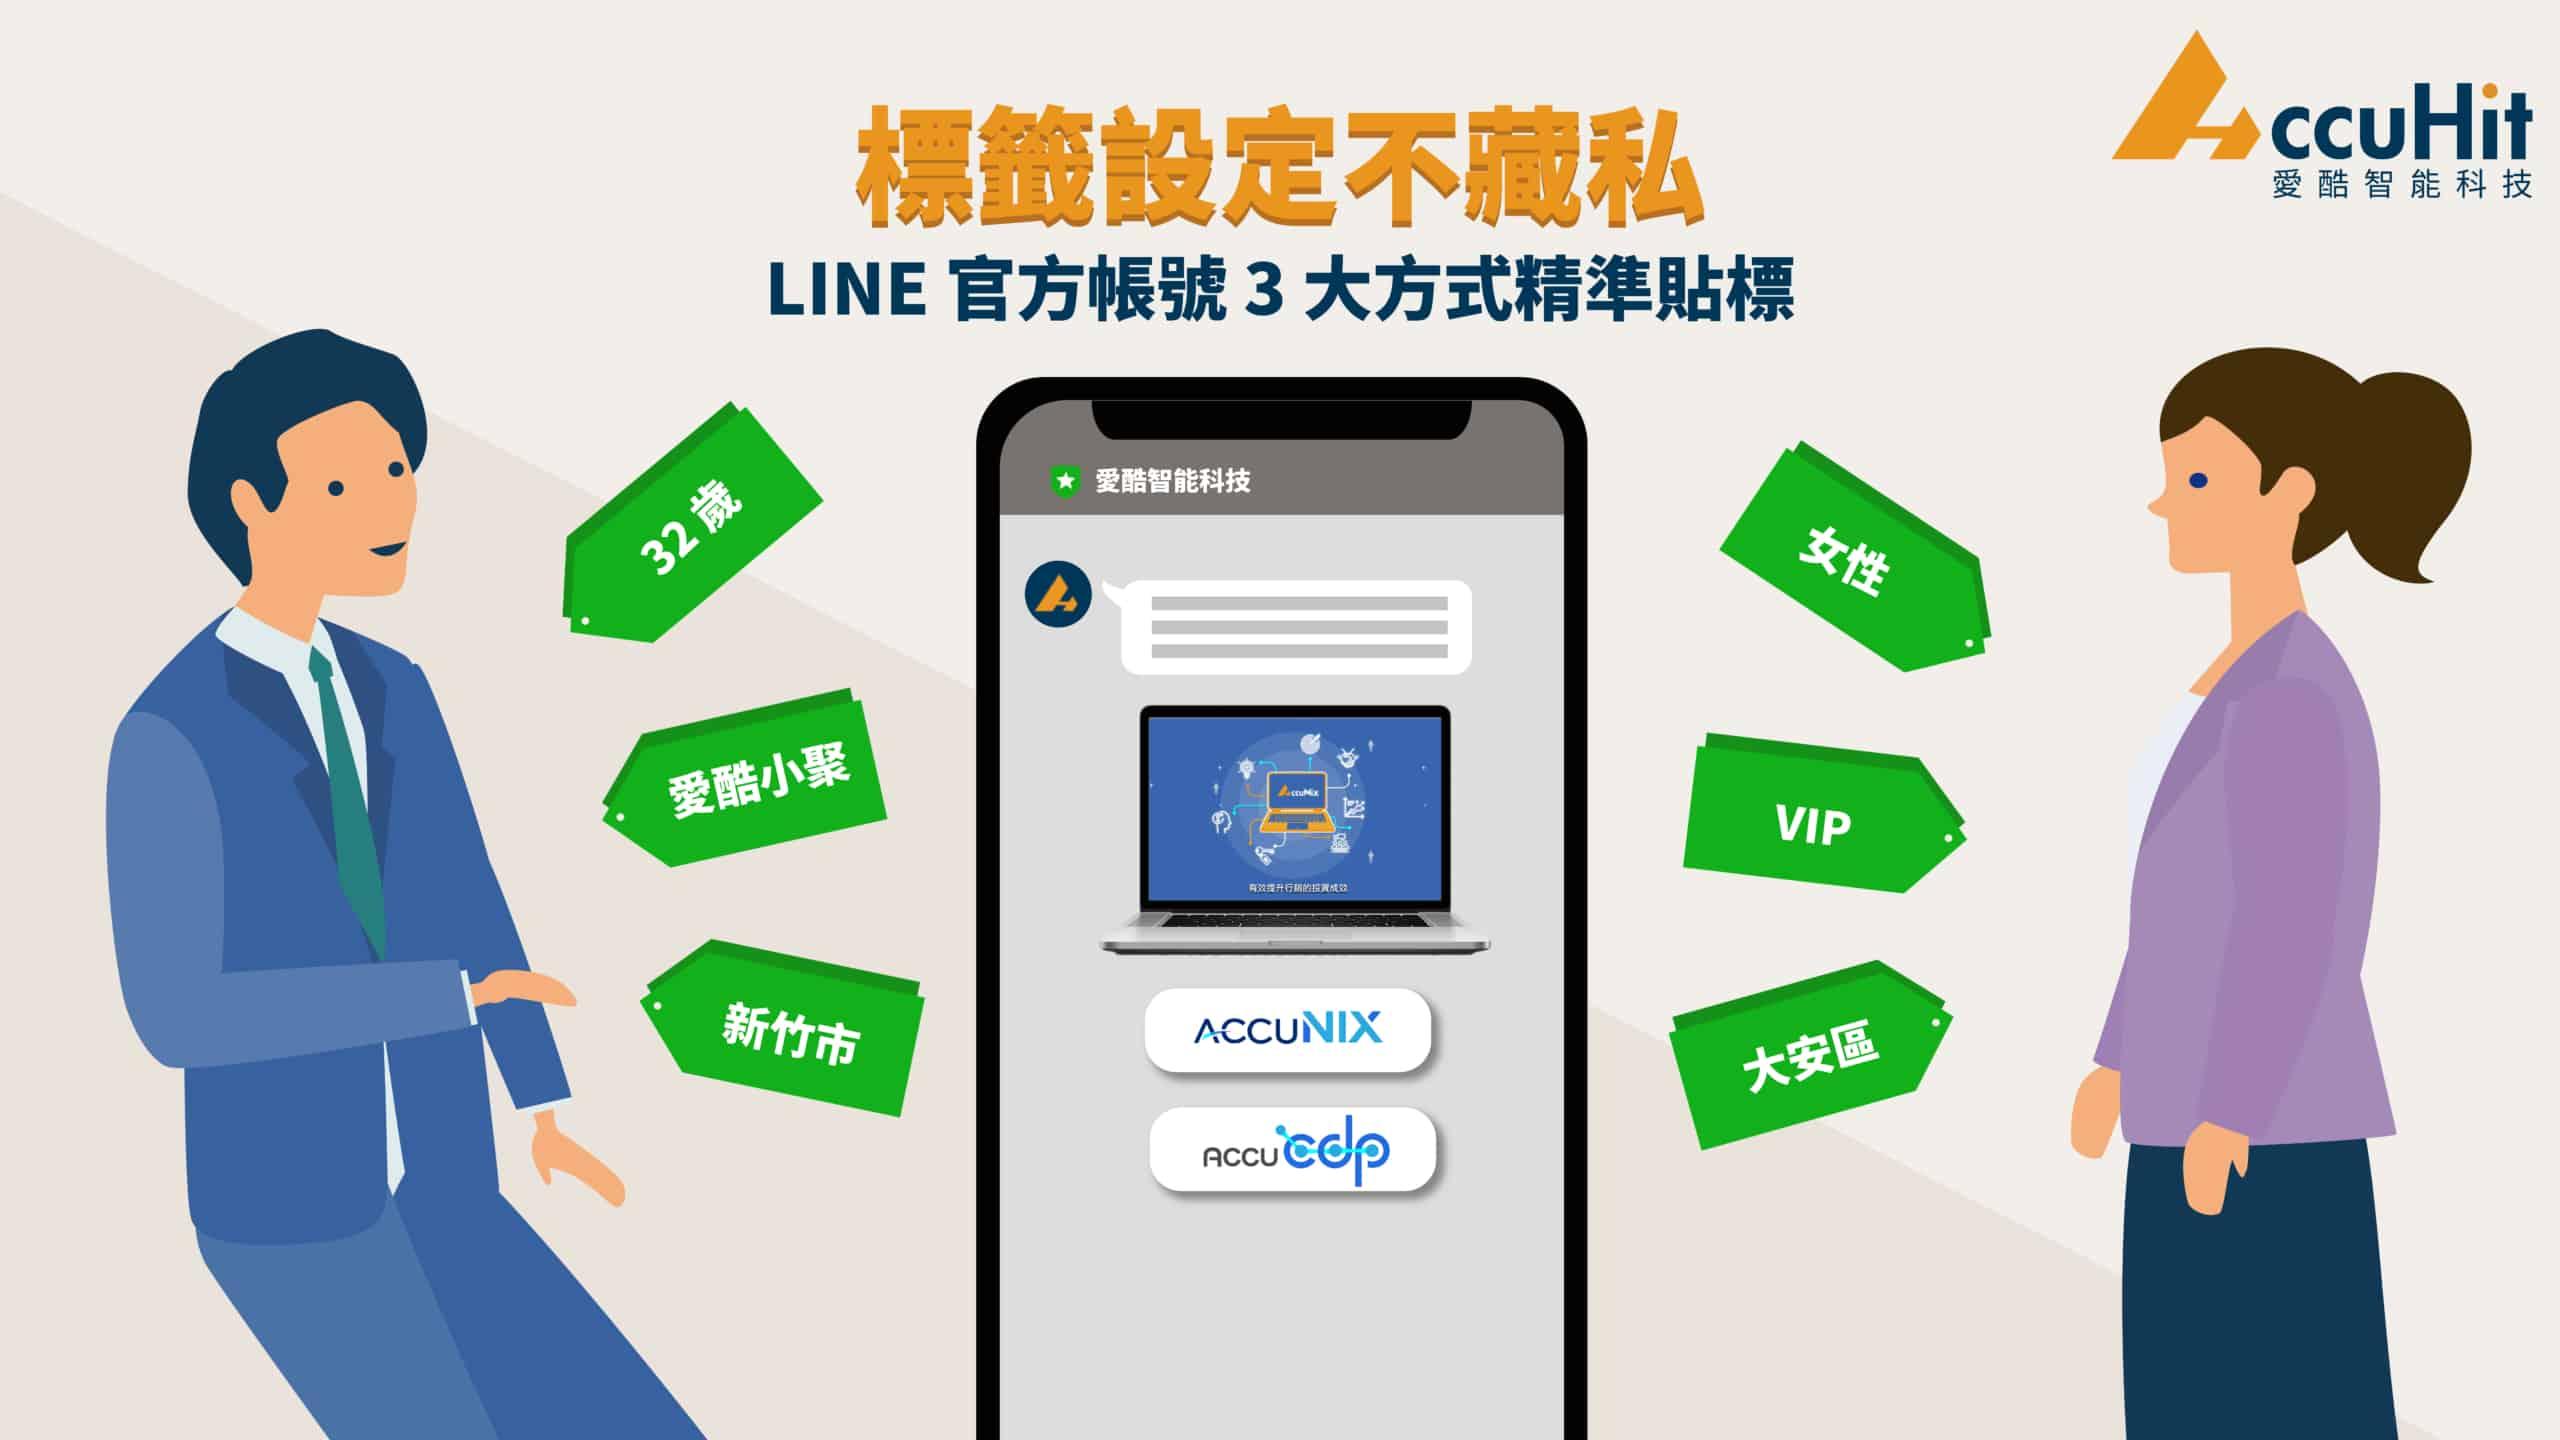 標籤設定不私藏,LINE-官方帳號-3-大方式精準貼標